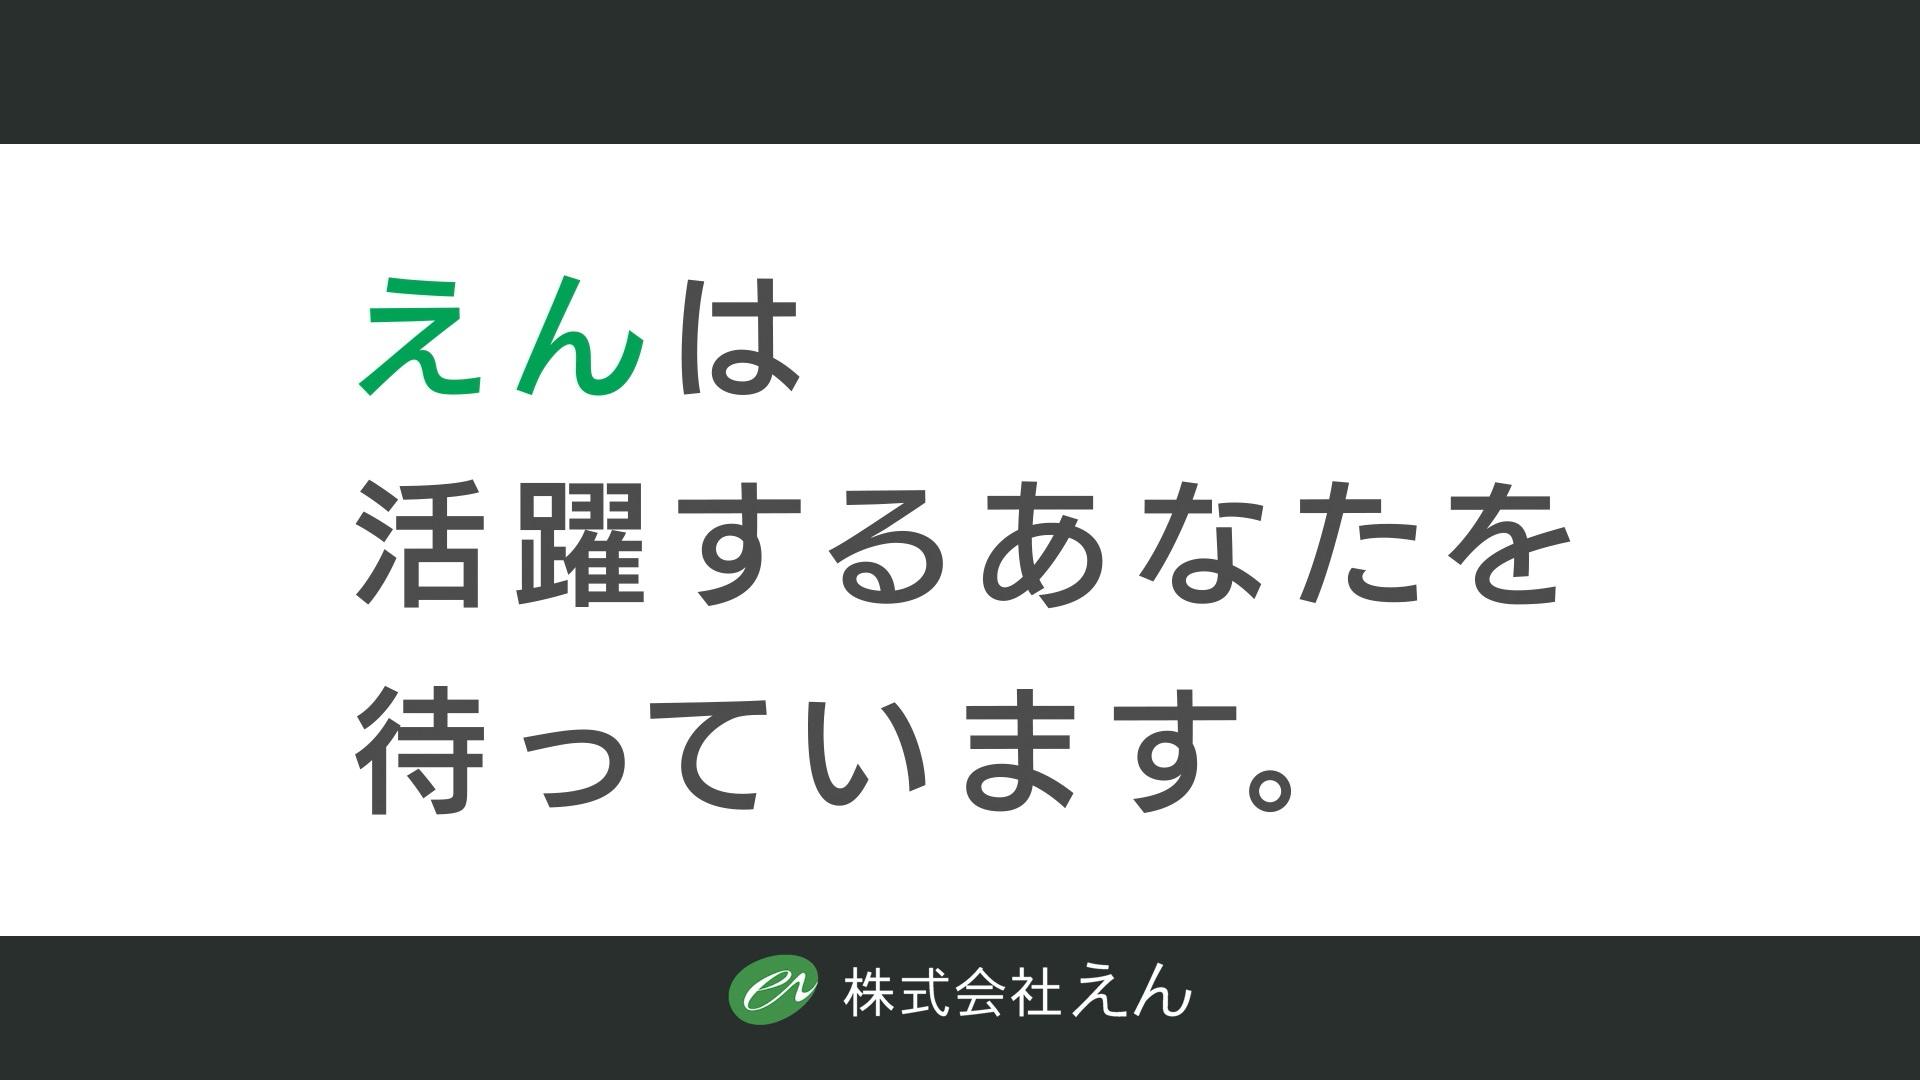 えん採用,えんホールディングスグループ,福岡就活